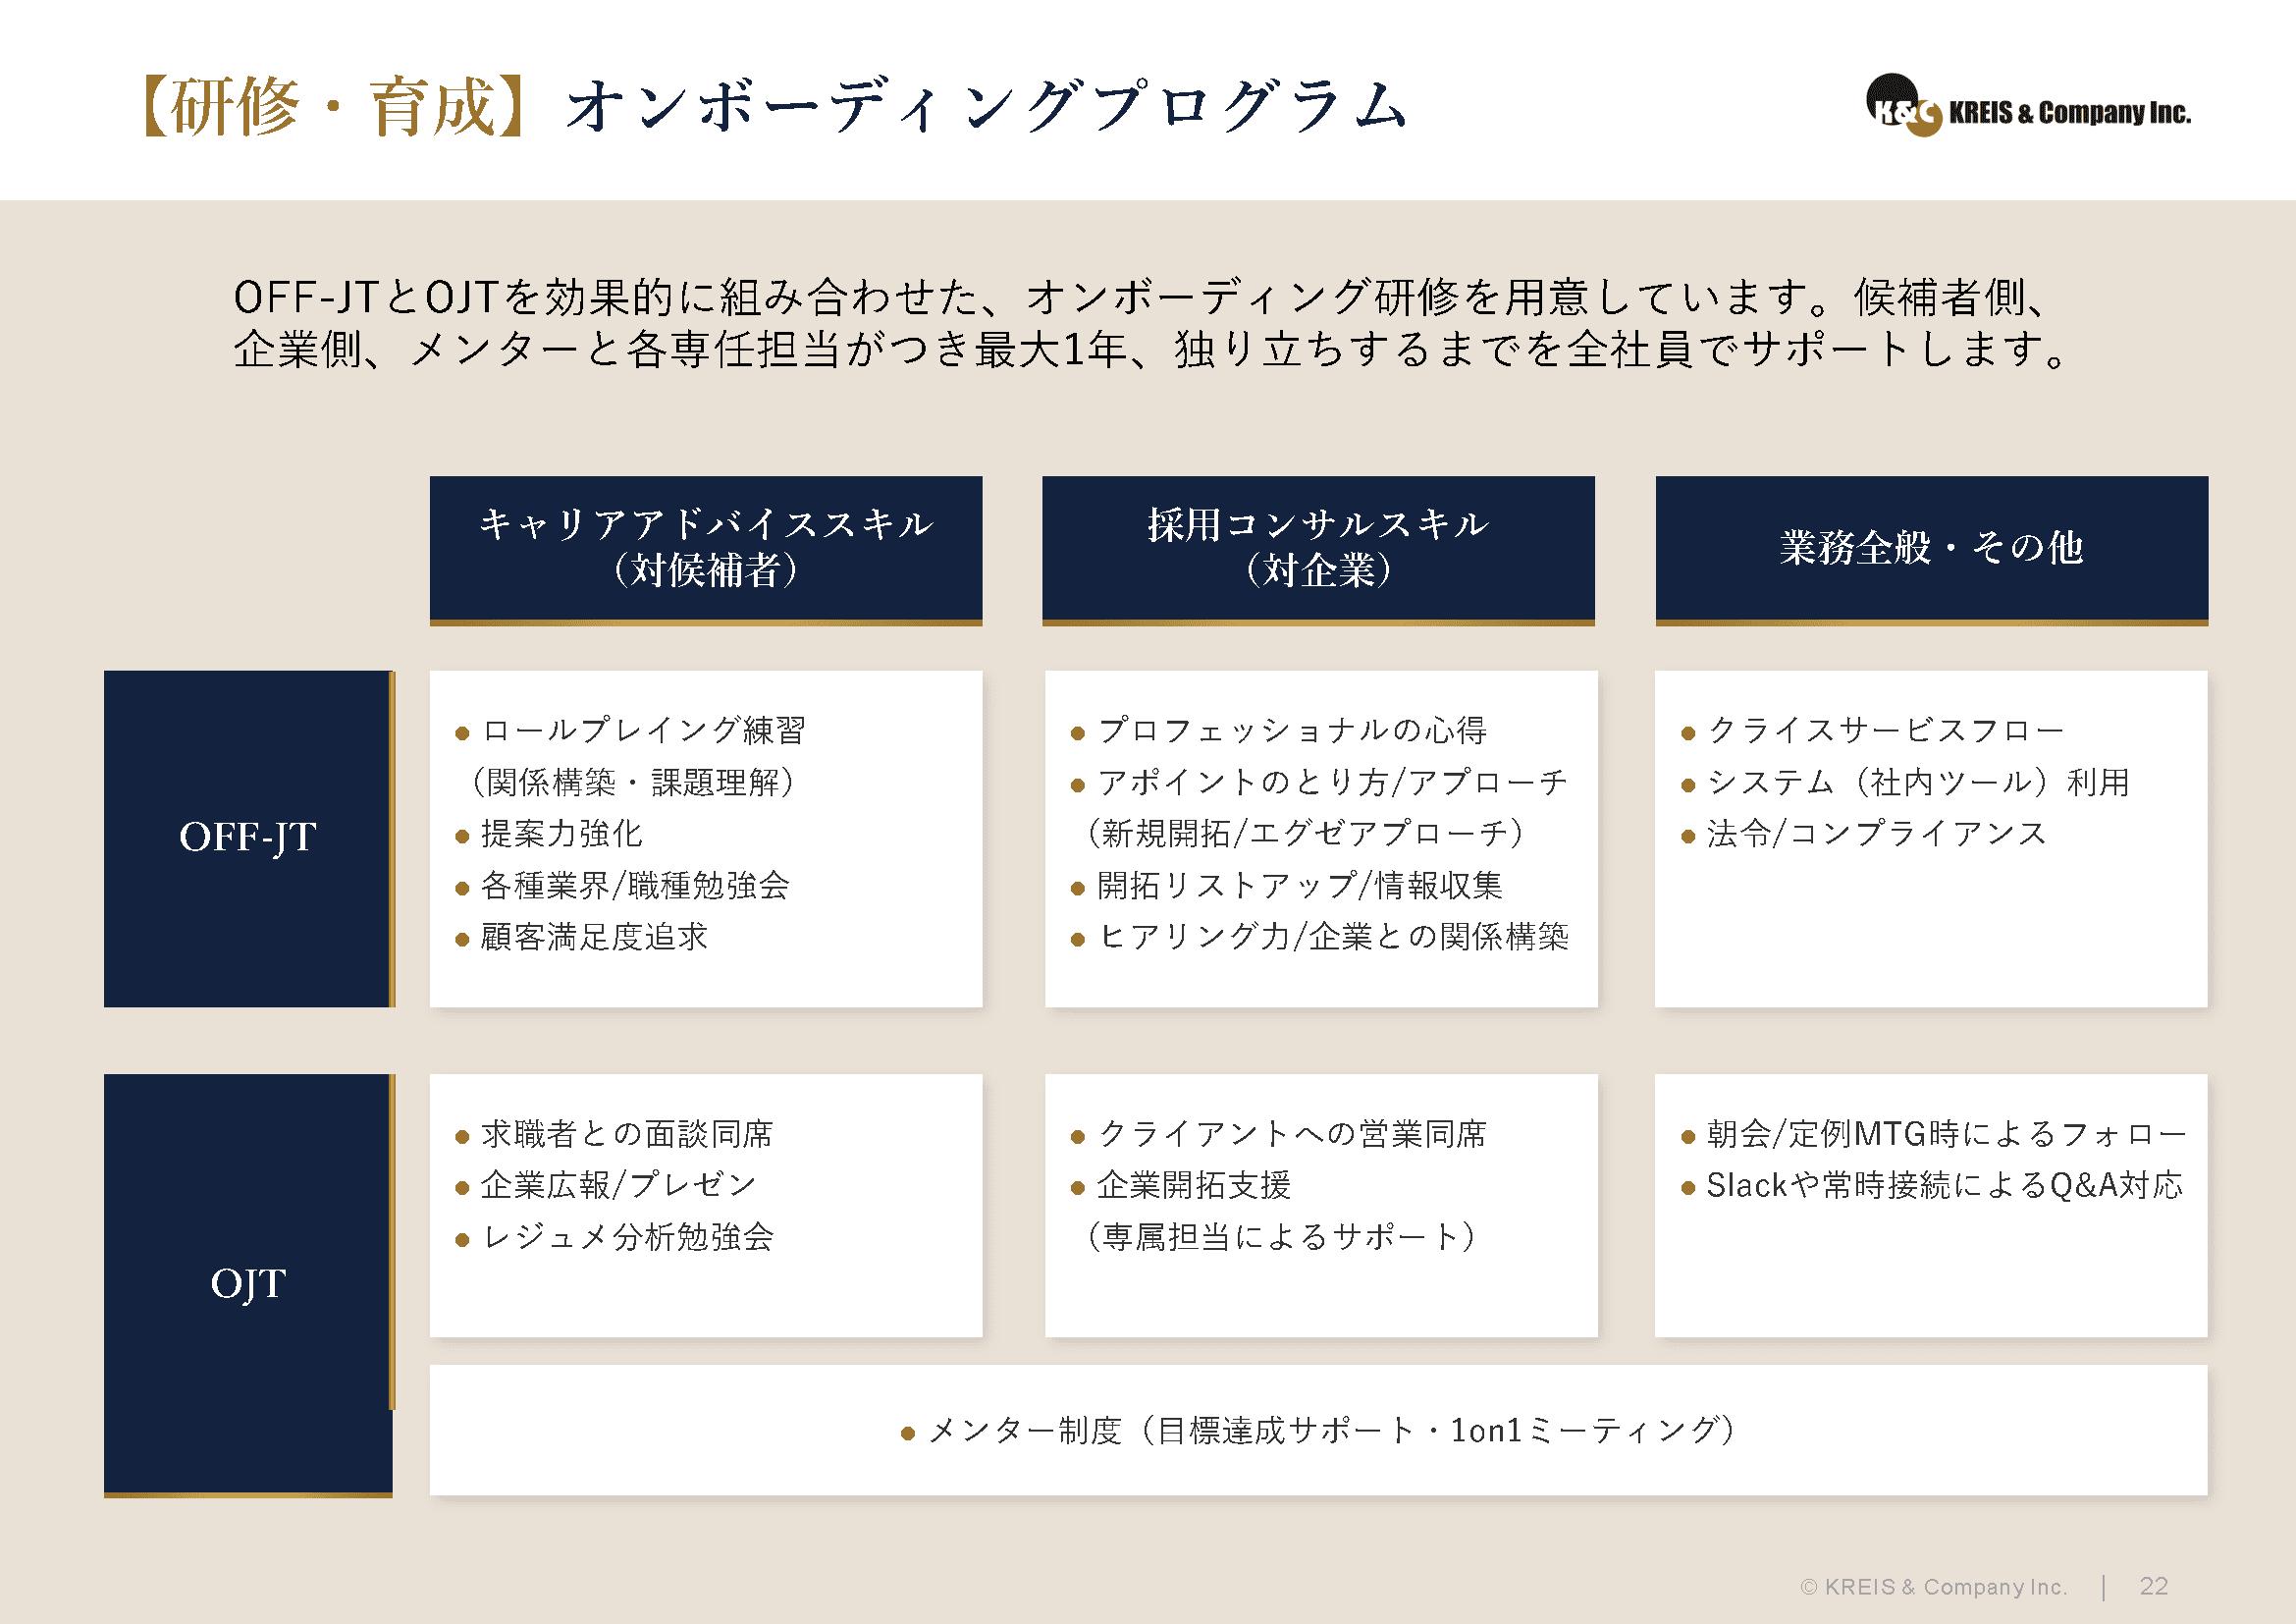 【研修・育成】オンボーディングプログラム